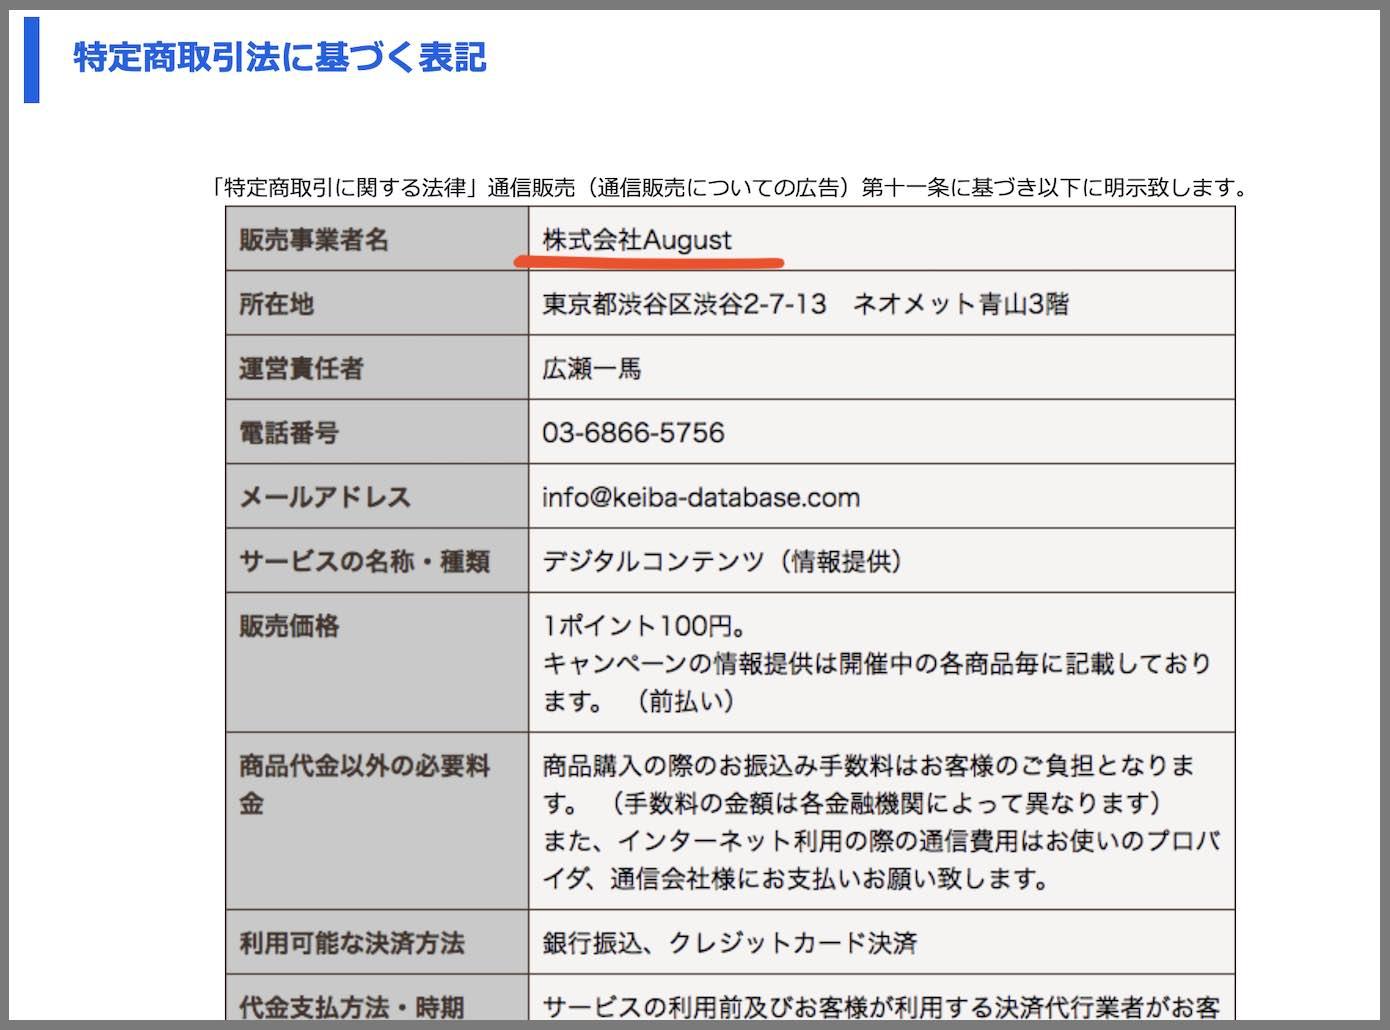 勝ちKEIBA(勝ち競馬)という競馬予想サイトの特商法ページ